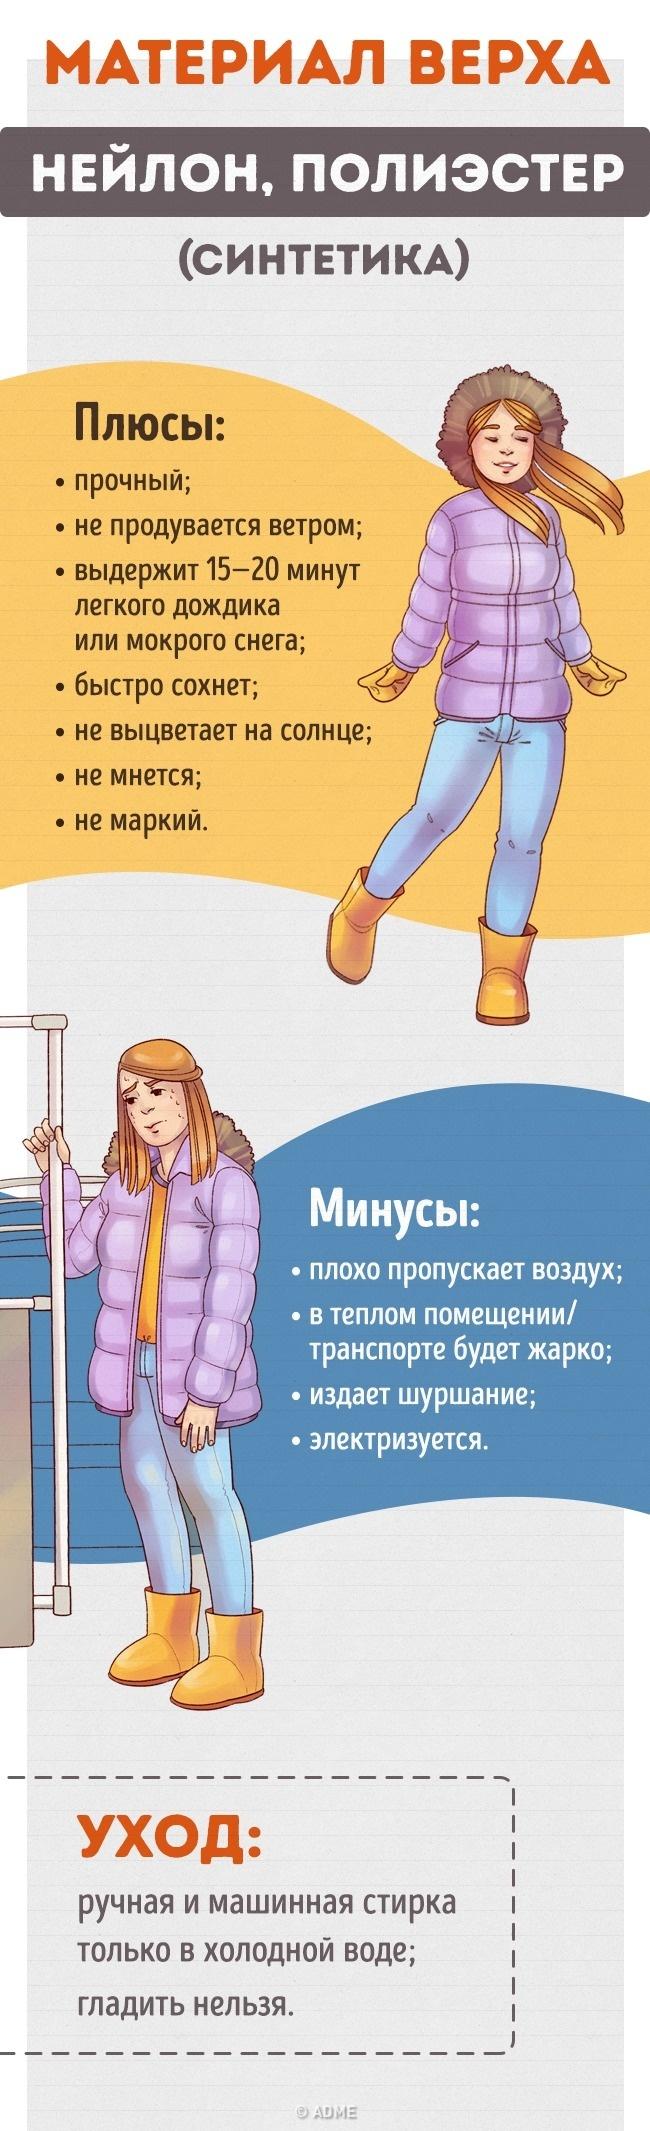 Как выбрать идеальную зимнюю куртку налюбую погоду (10 фото)